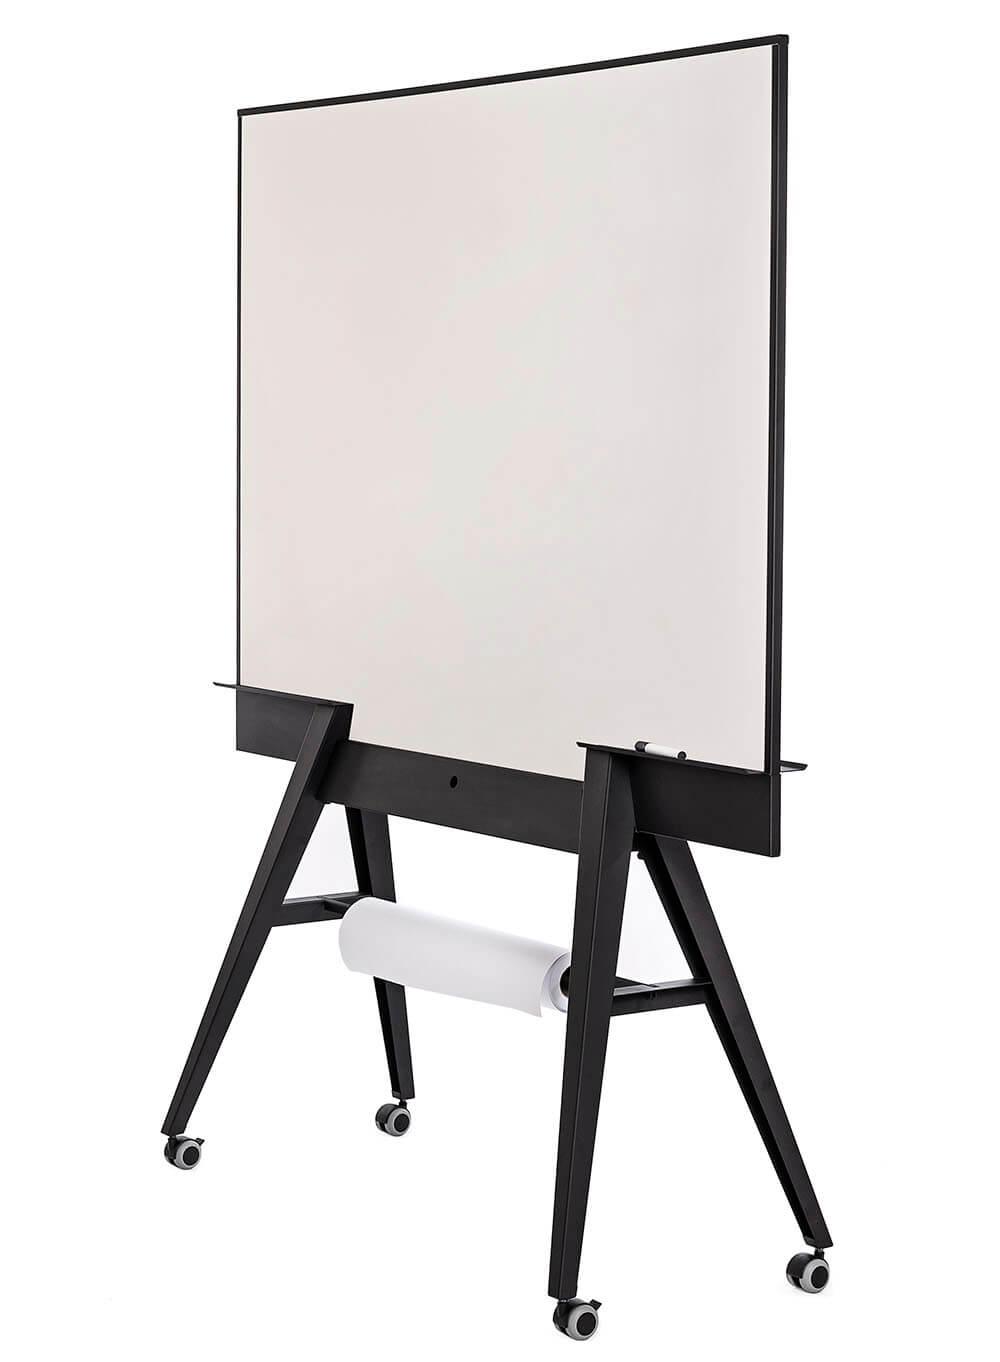 Scrum magnetisch Whiteboard – doppelseitige Email